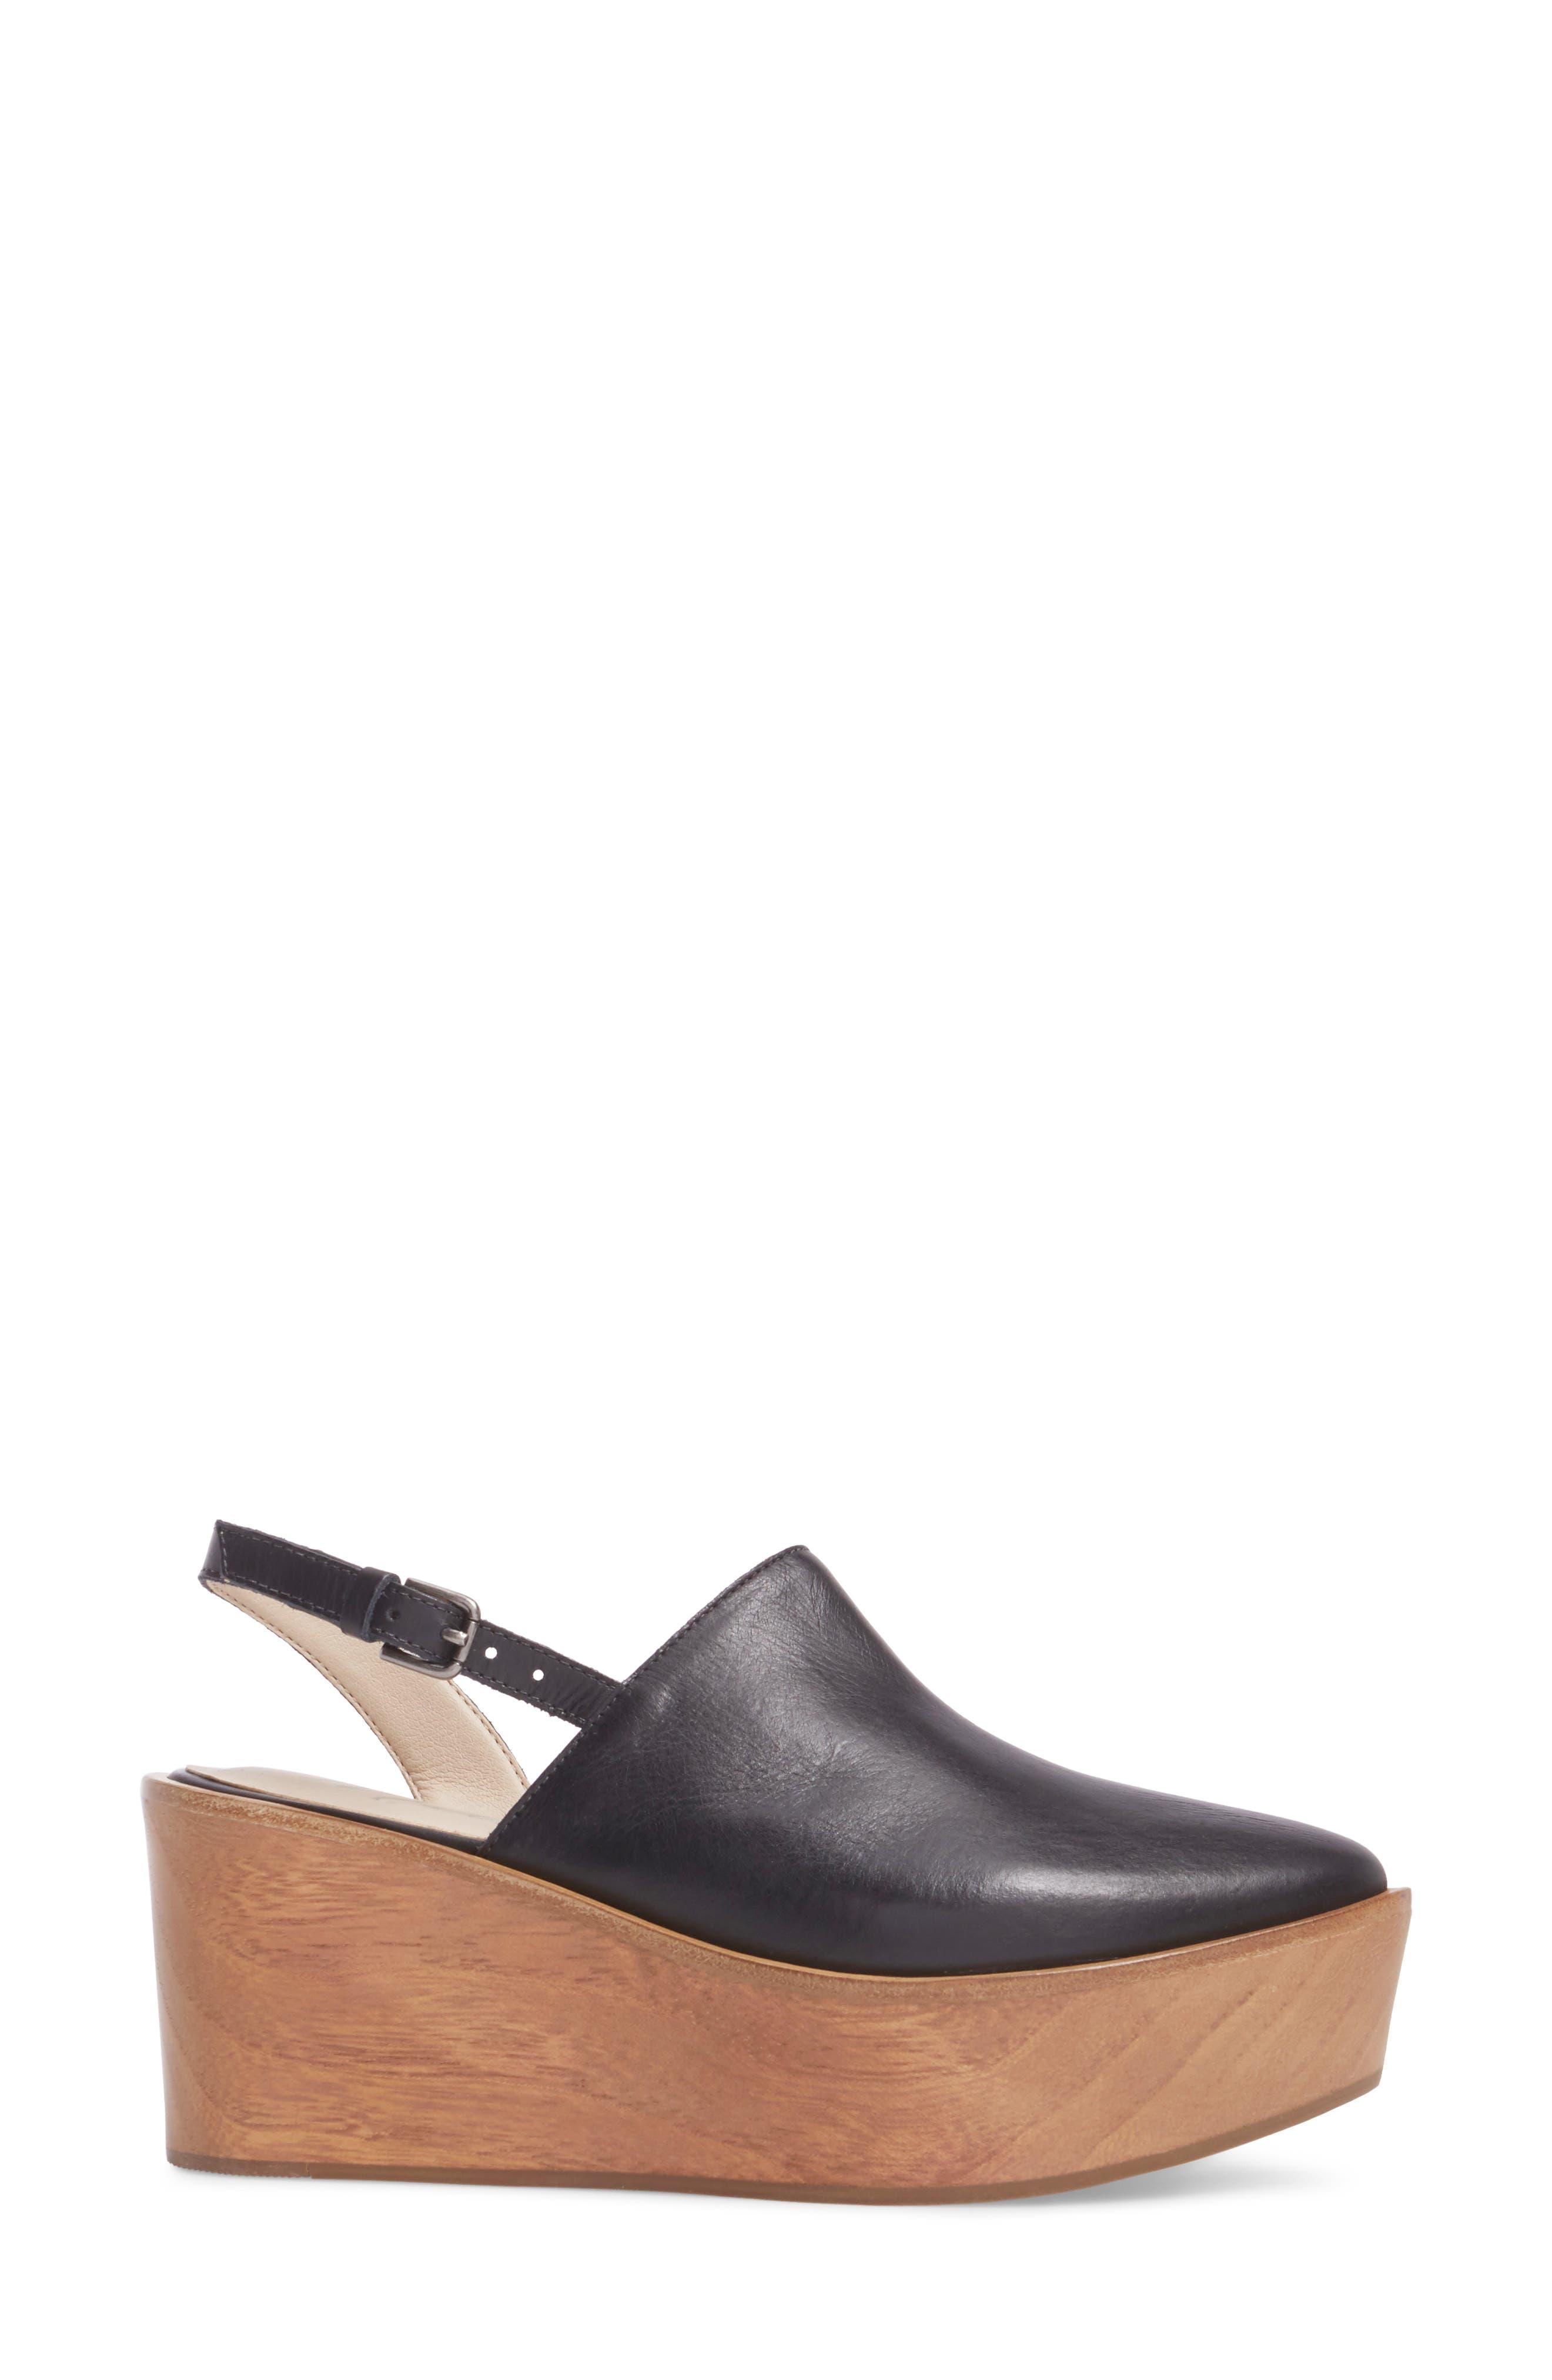 MATISSE,                             Eyals Slingback Platform Wedge Sandal,                             Alternate thumbnail 3, color,                             001